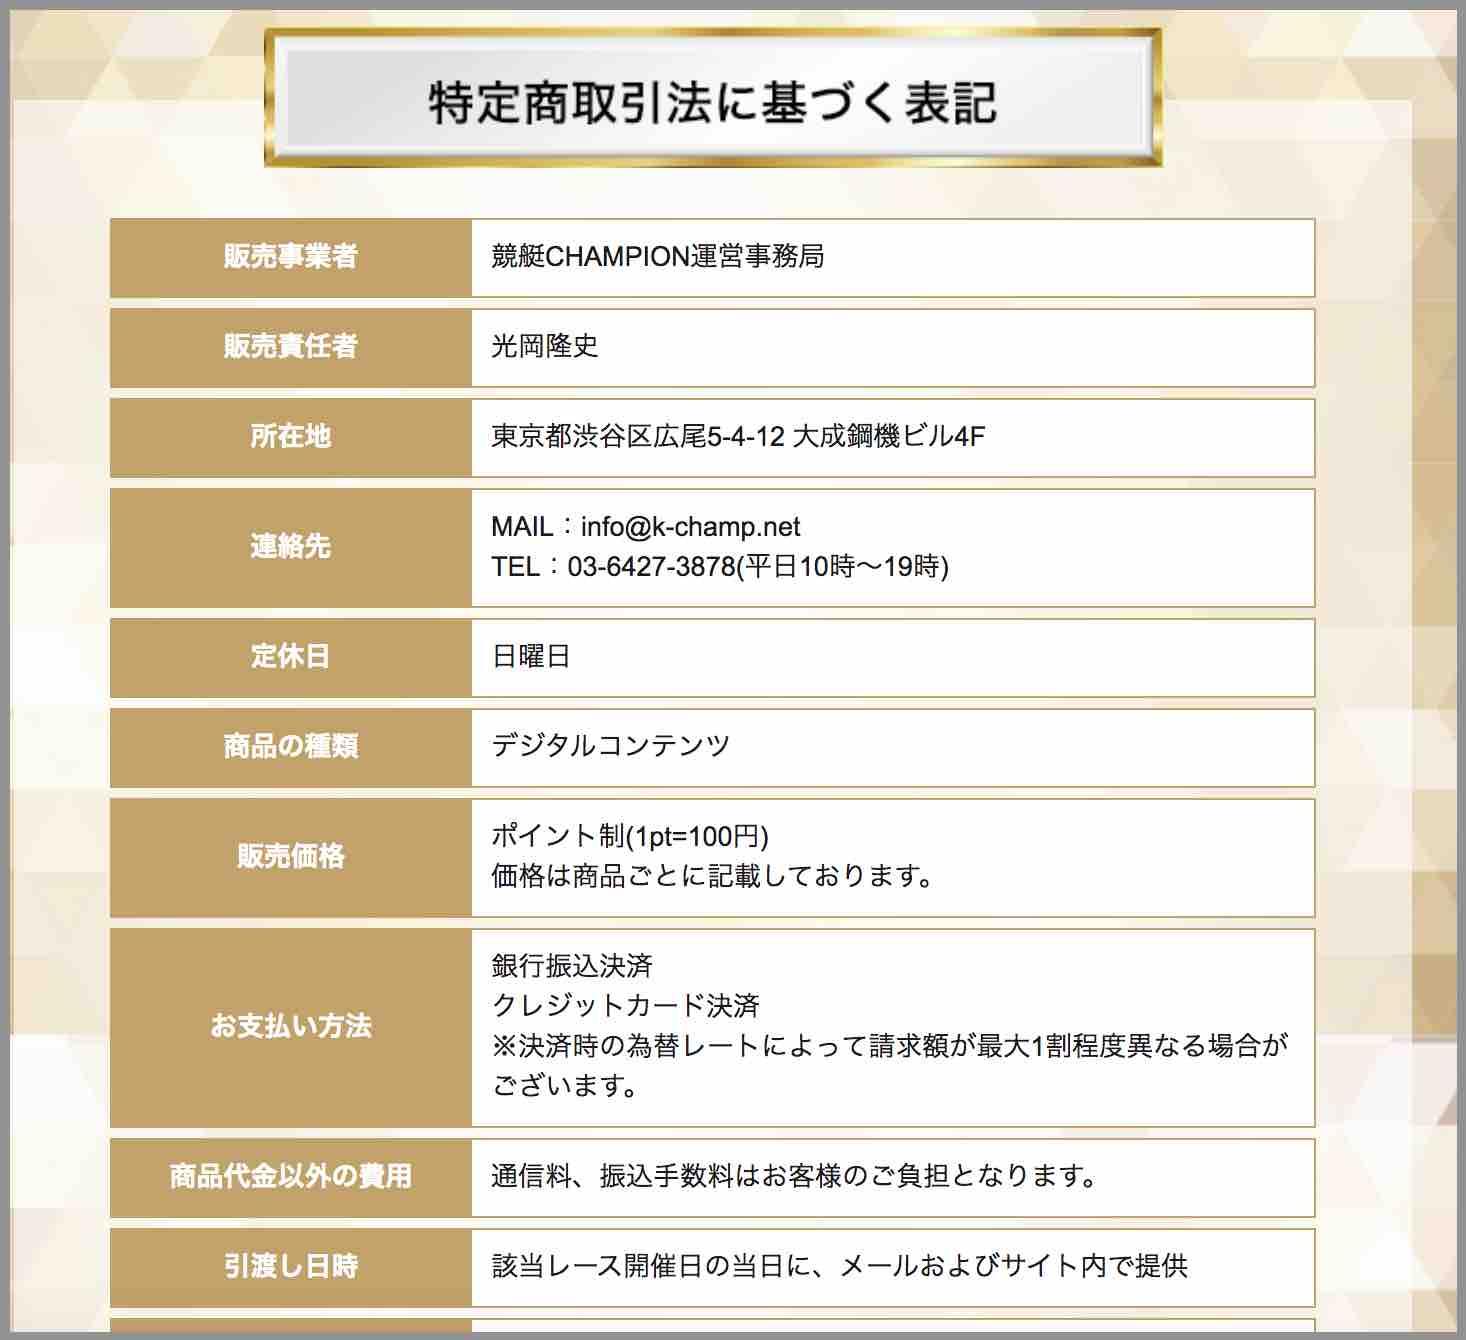 競艇チャンピオン(CHAMPION)という競艇予想サイト(ボートレース予想サイト)の特商法ページ